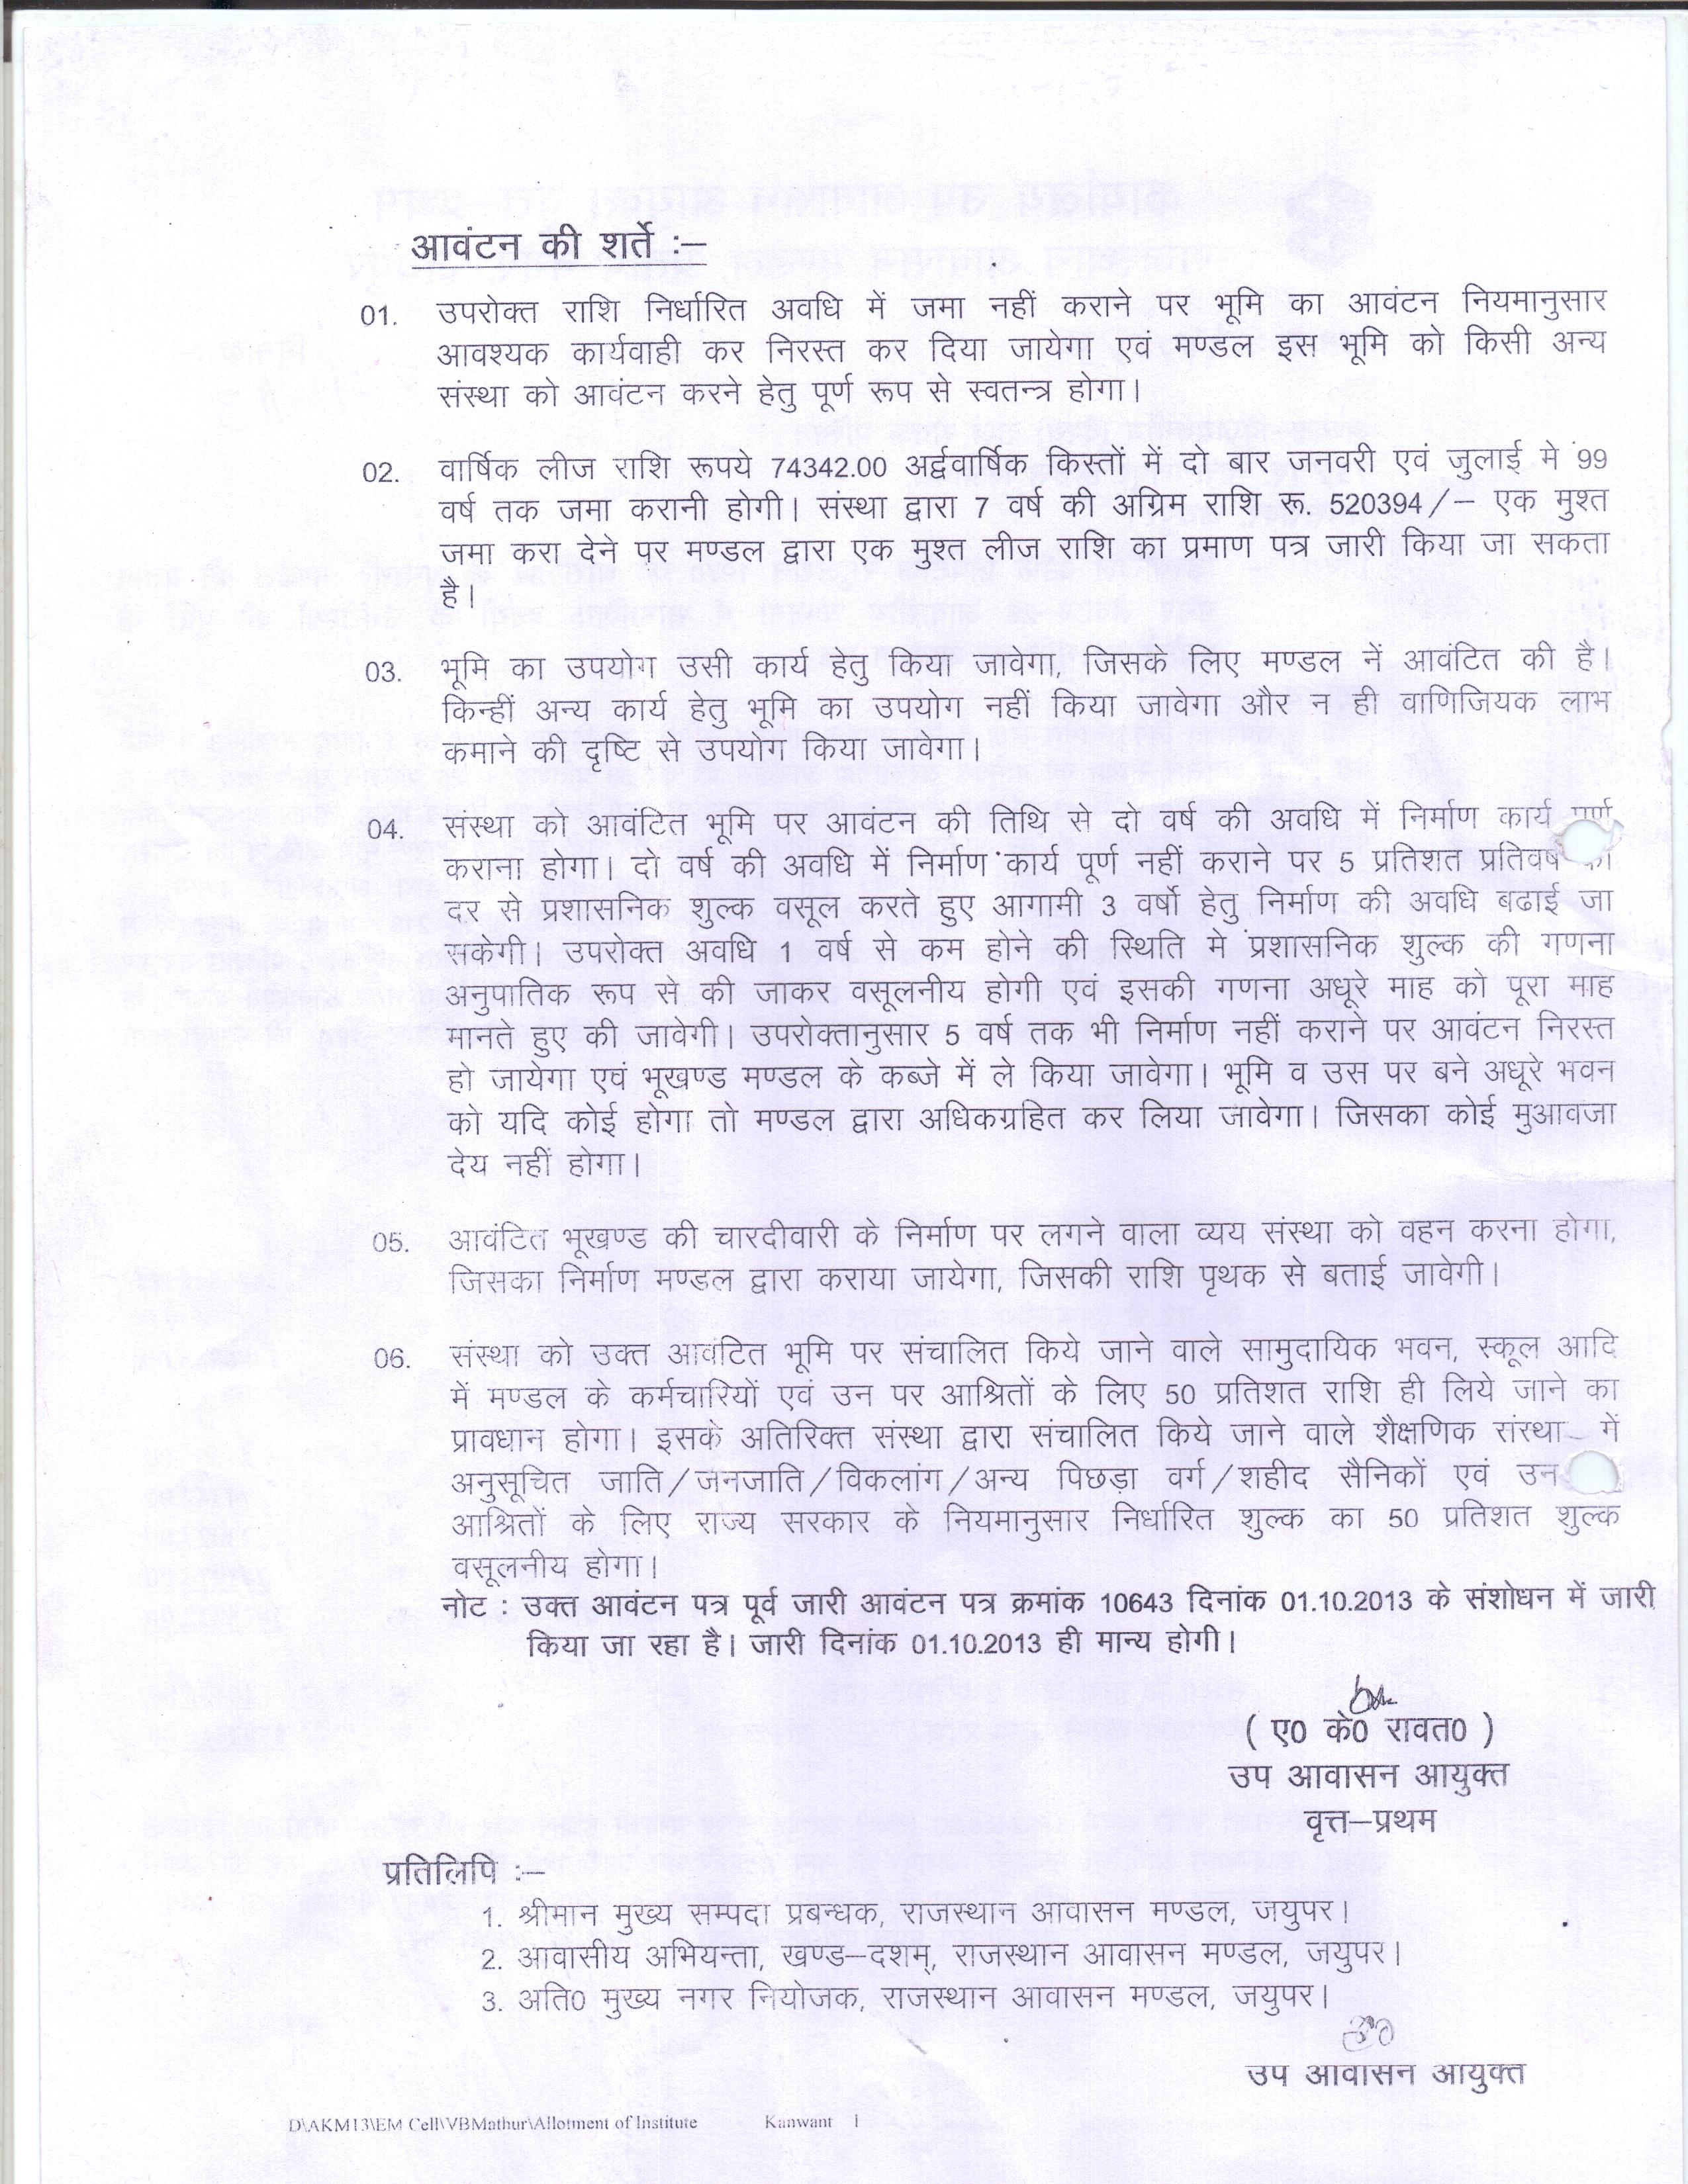 Demand letter 23-10-13 -Back